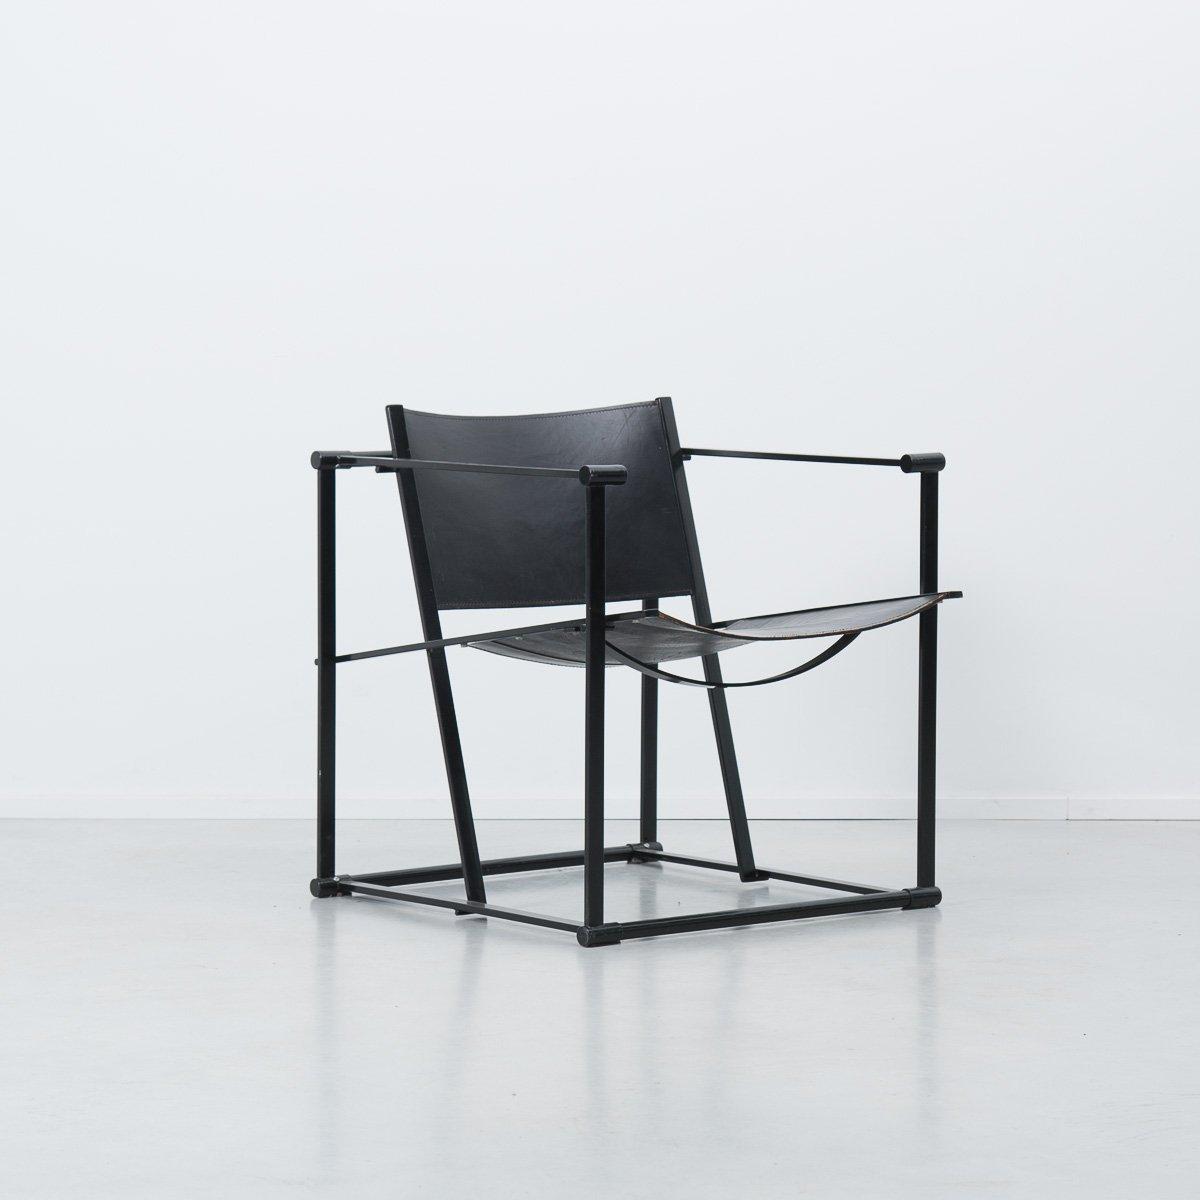 Strange Vintage Model Fm60 Black Leather Cube Chair By Radboud Van Beekum For Pastoe 1982 Creativecarmelina Interior Chair Design Creativecarmelinacom